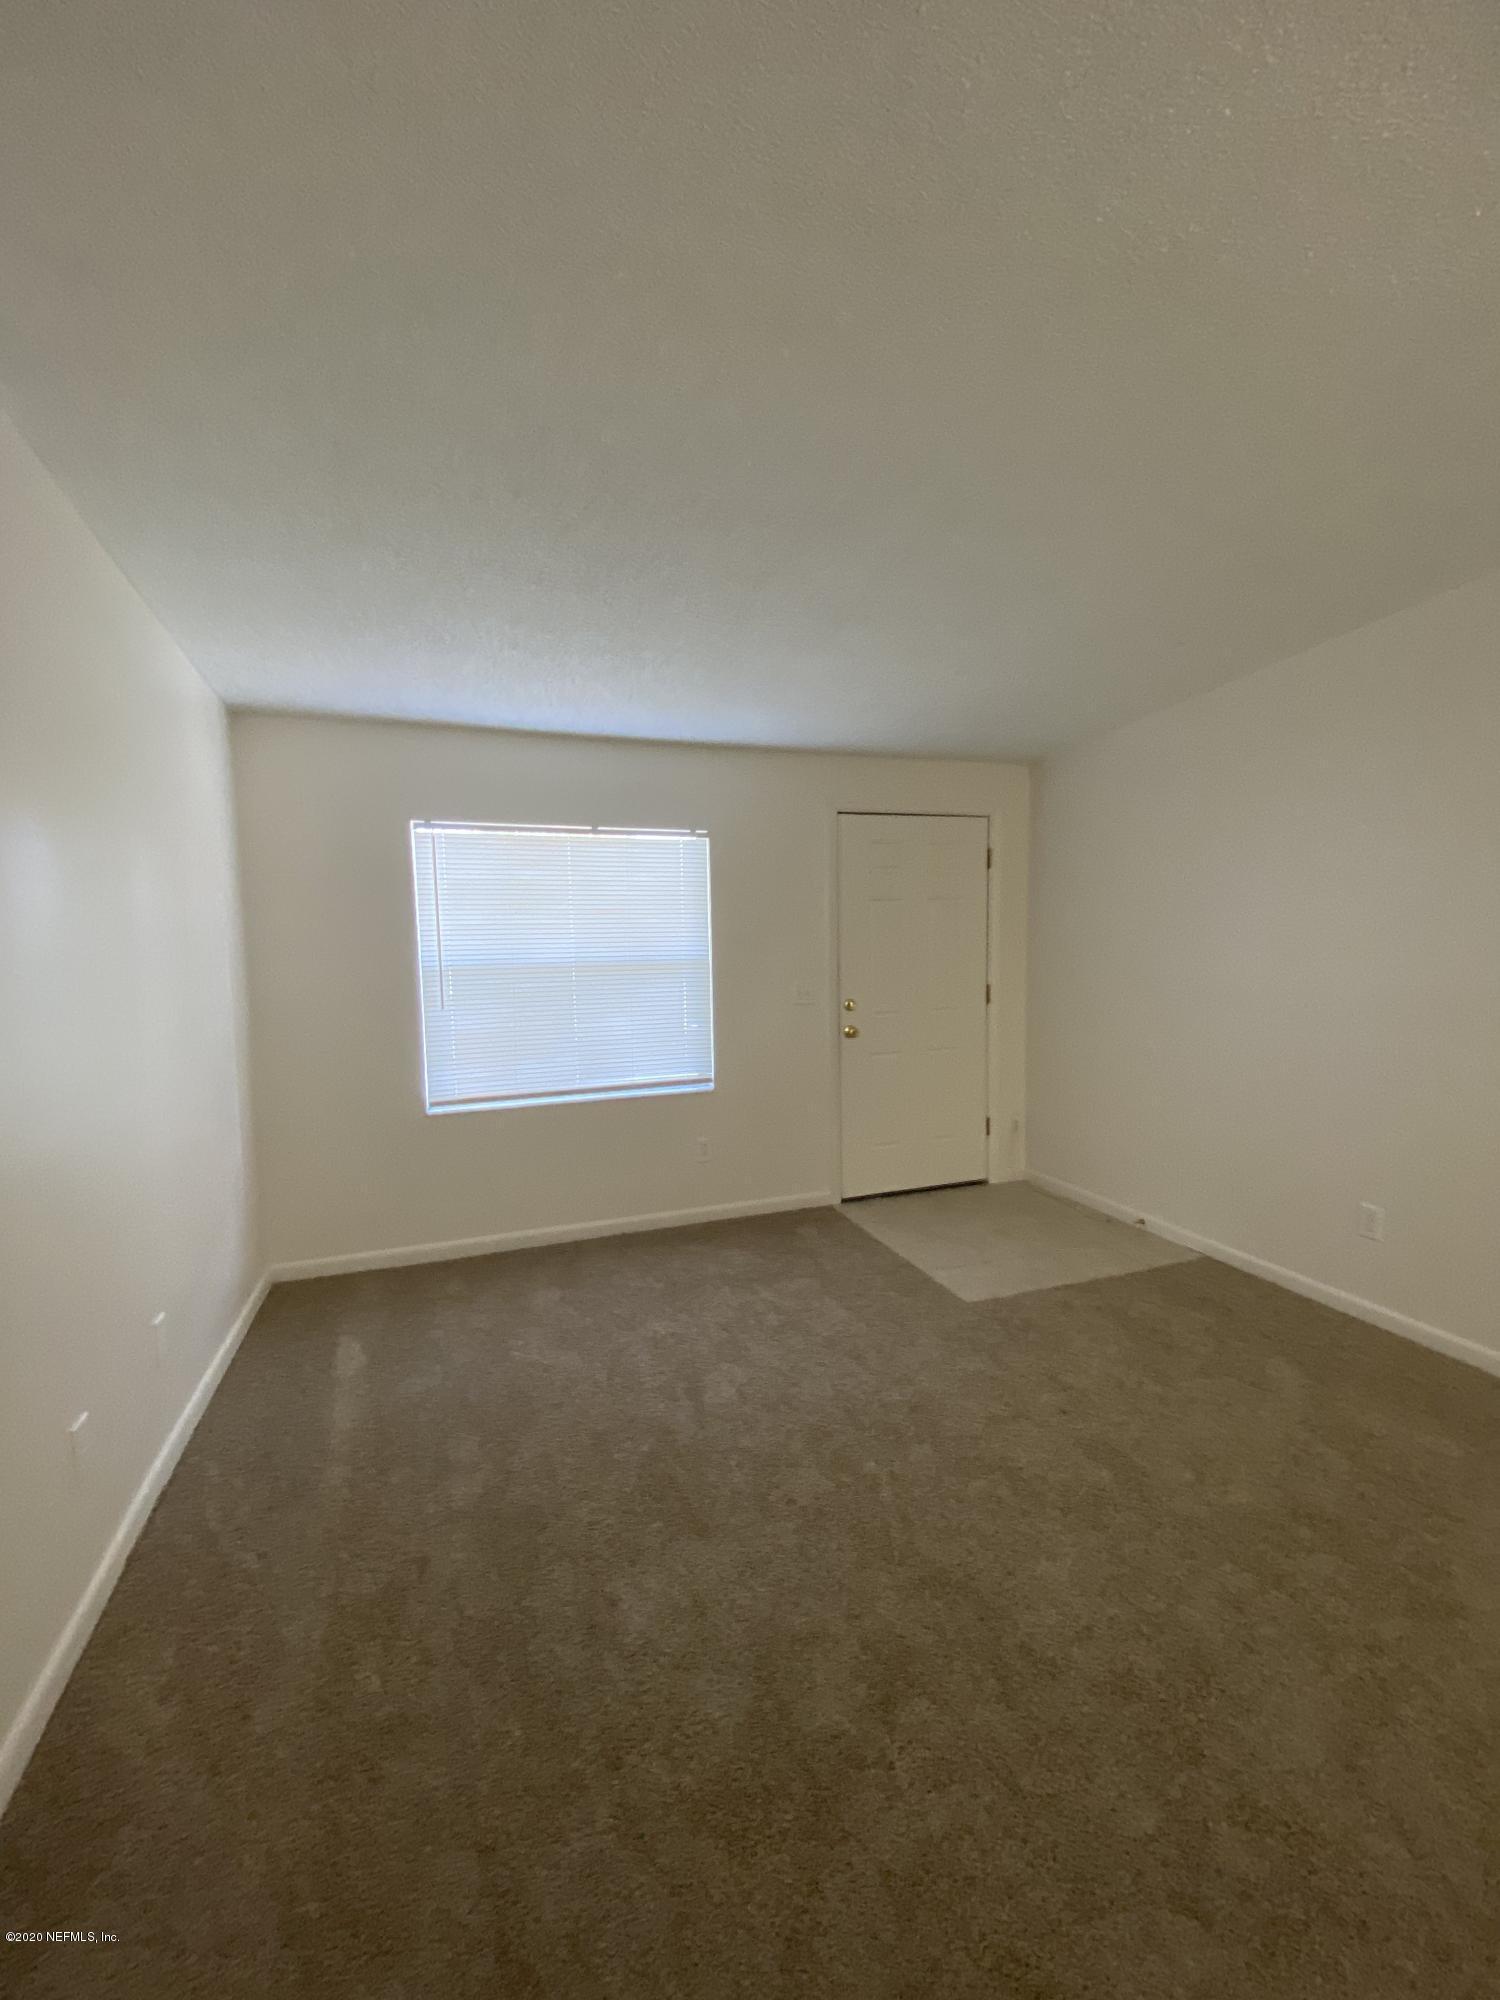 2170 KUSAIE, JACKSONVILLE, FLORIDA 32246, 3 Bedrooms Bedrooms, ,2 BathroomsBathrooms,Rental,For Rent,KUSAIE,1081122